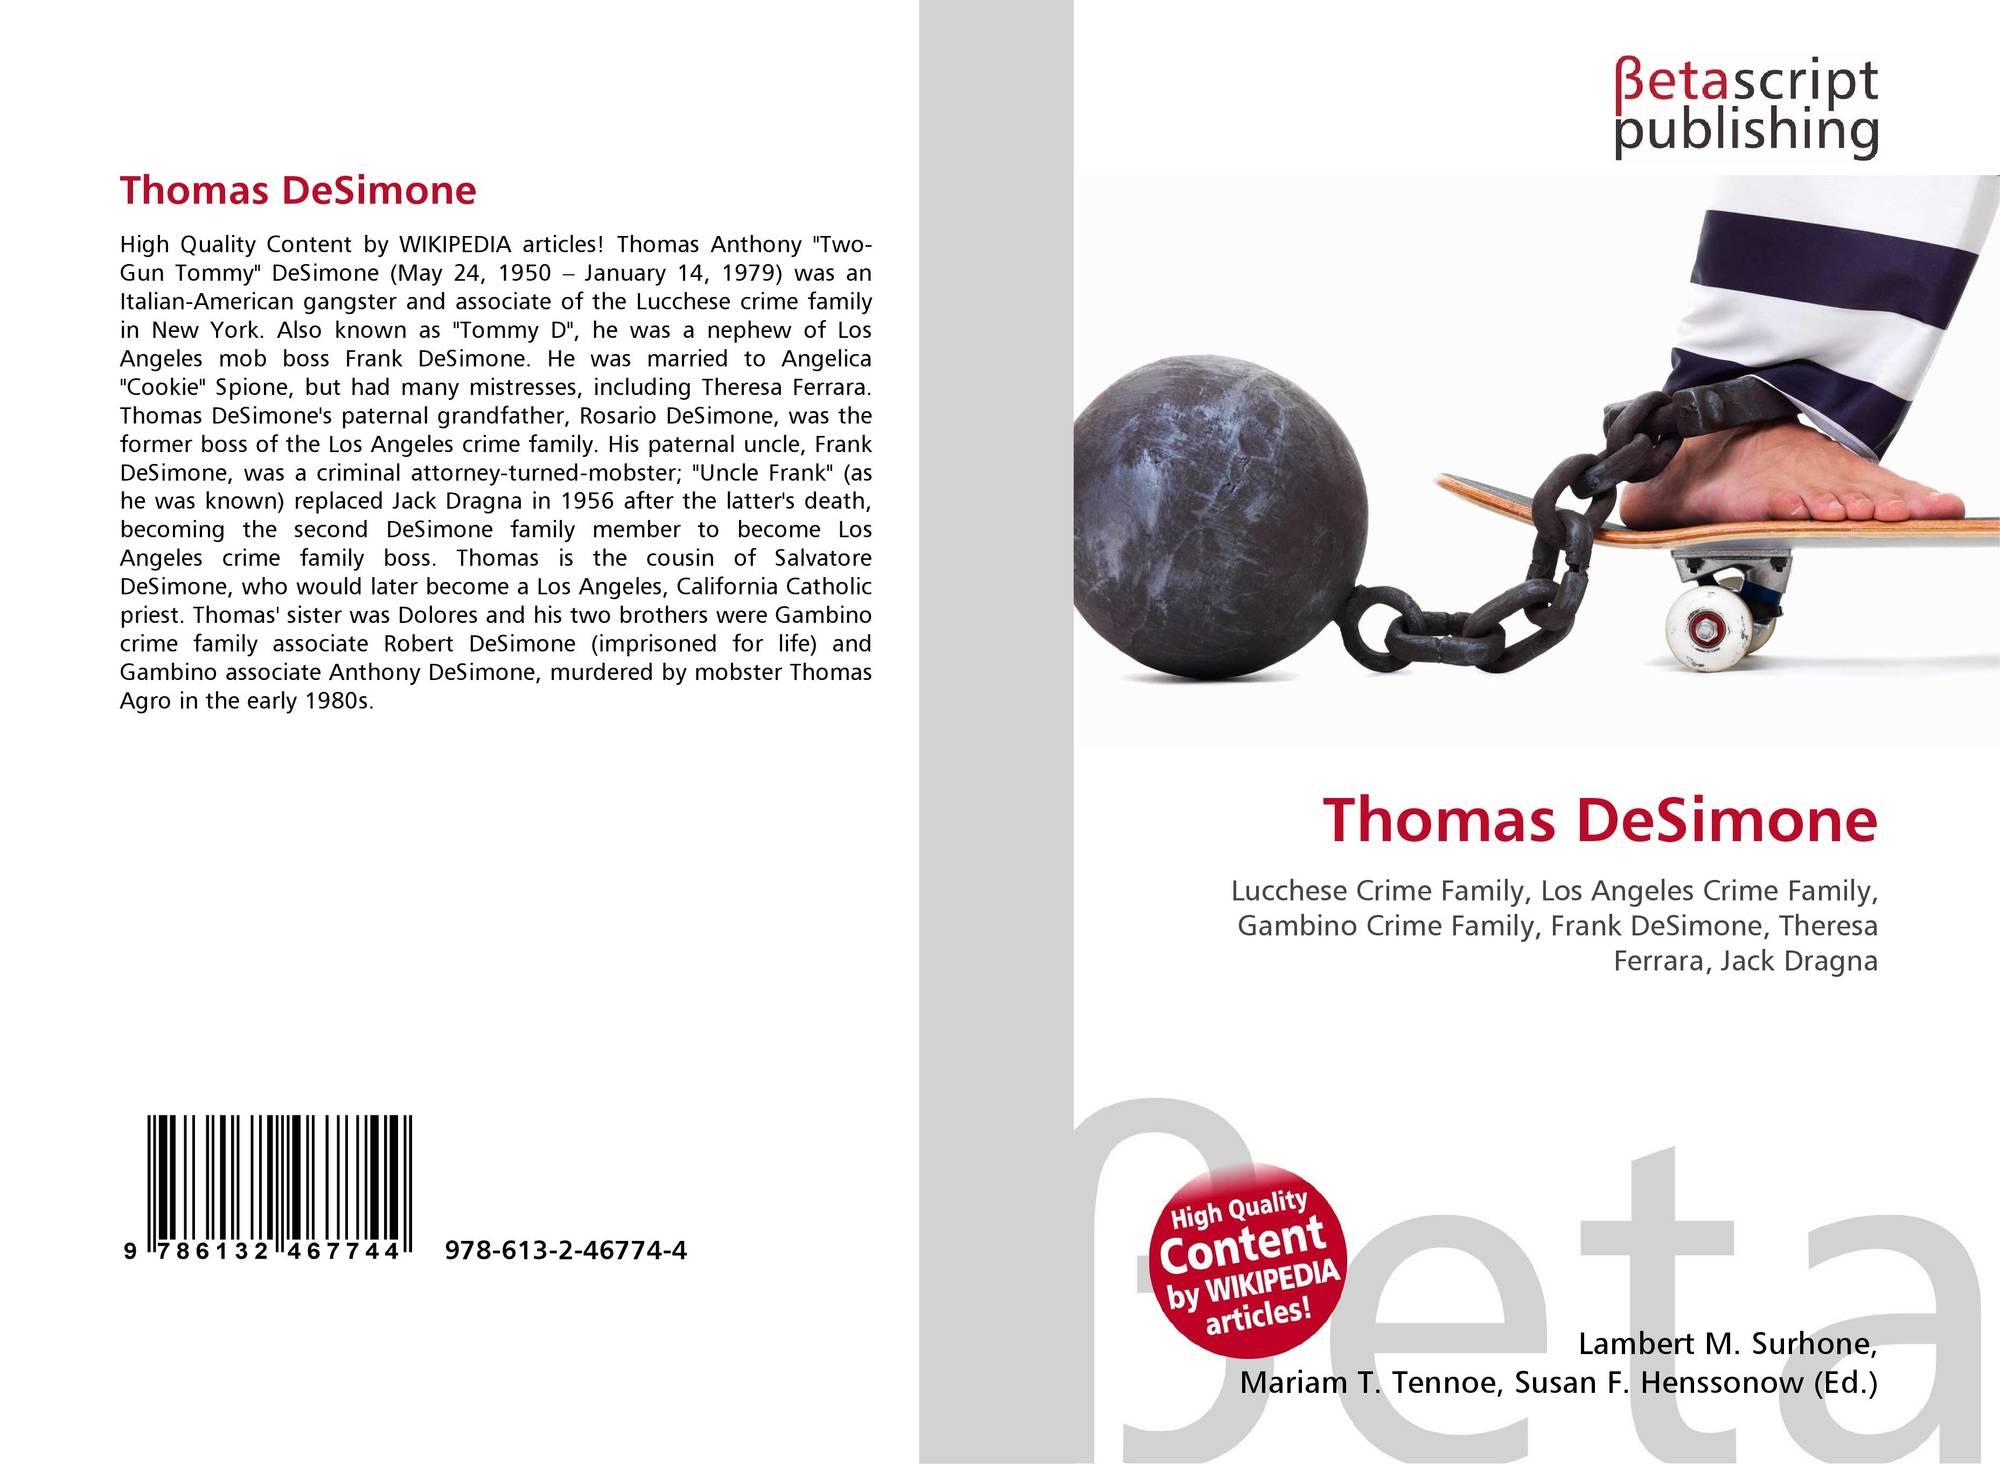 Thomas DeSimone, 978-613-2-46774-4, 6132467742 ,9786132467744